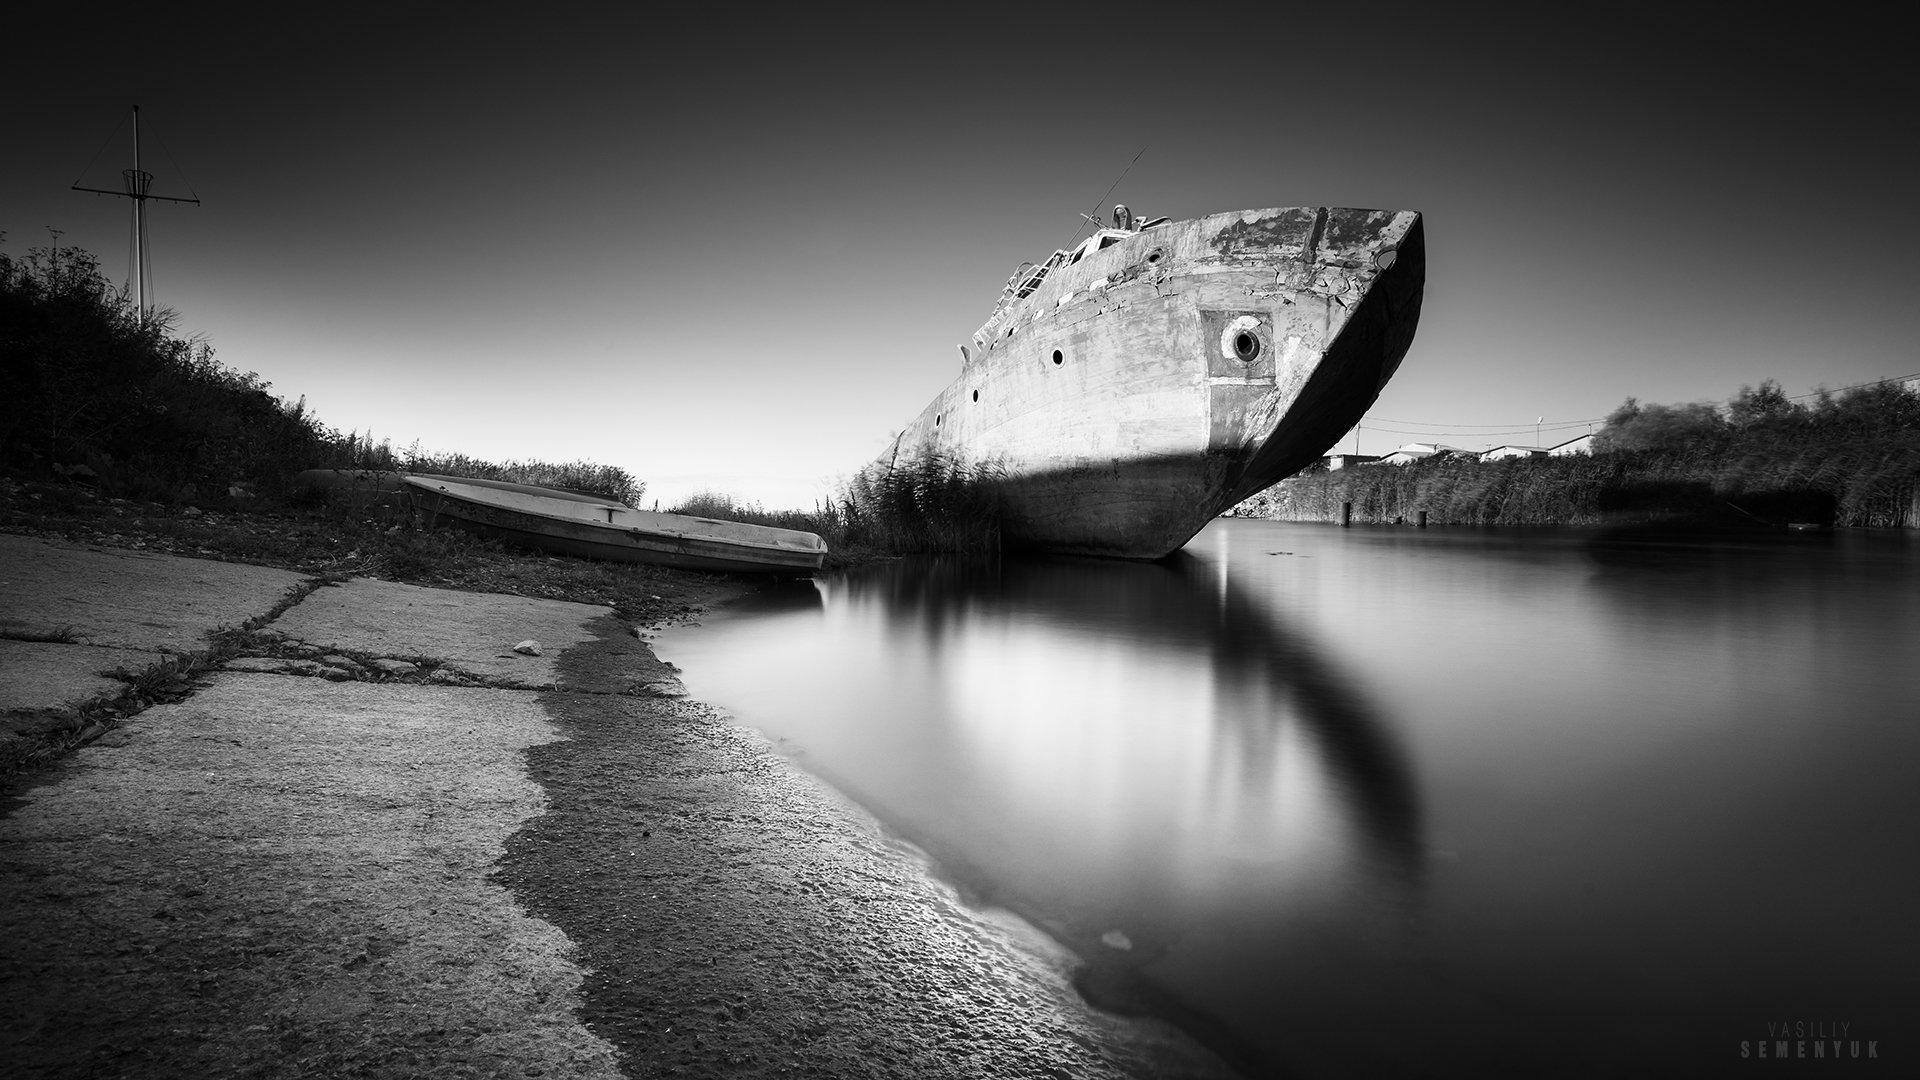 балтика, тральщик, корабль, ч/б, длинная выдержка, wreck, b/w, baltic sea, long expousure., Семенюк Василий